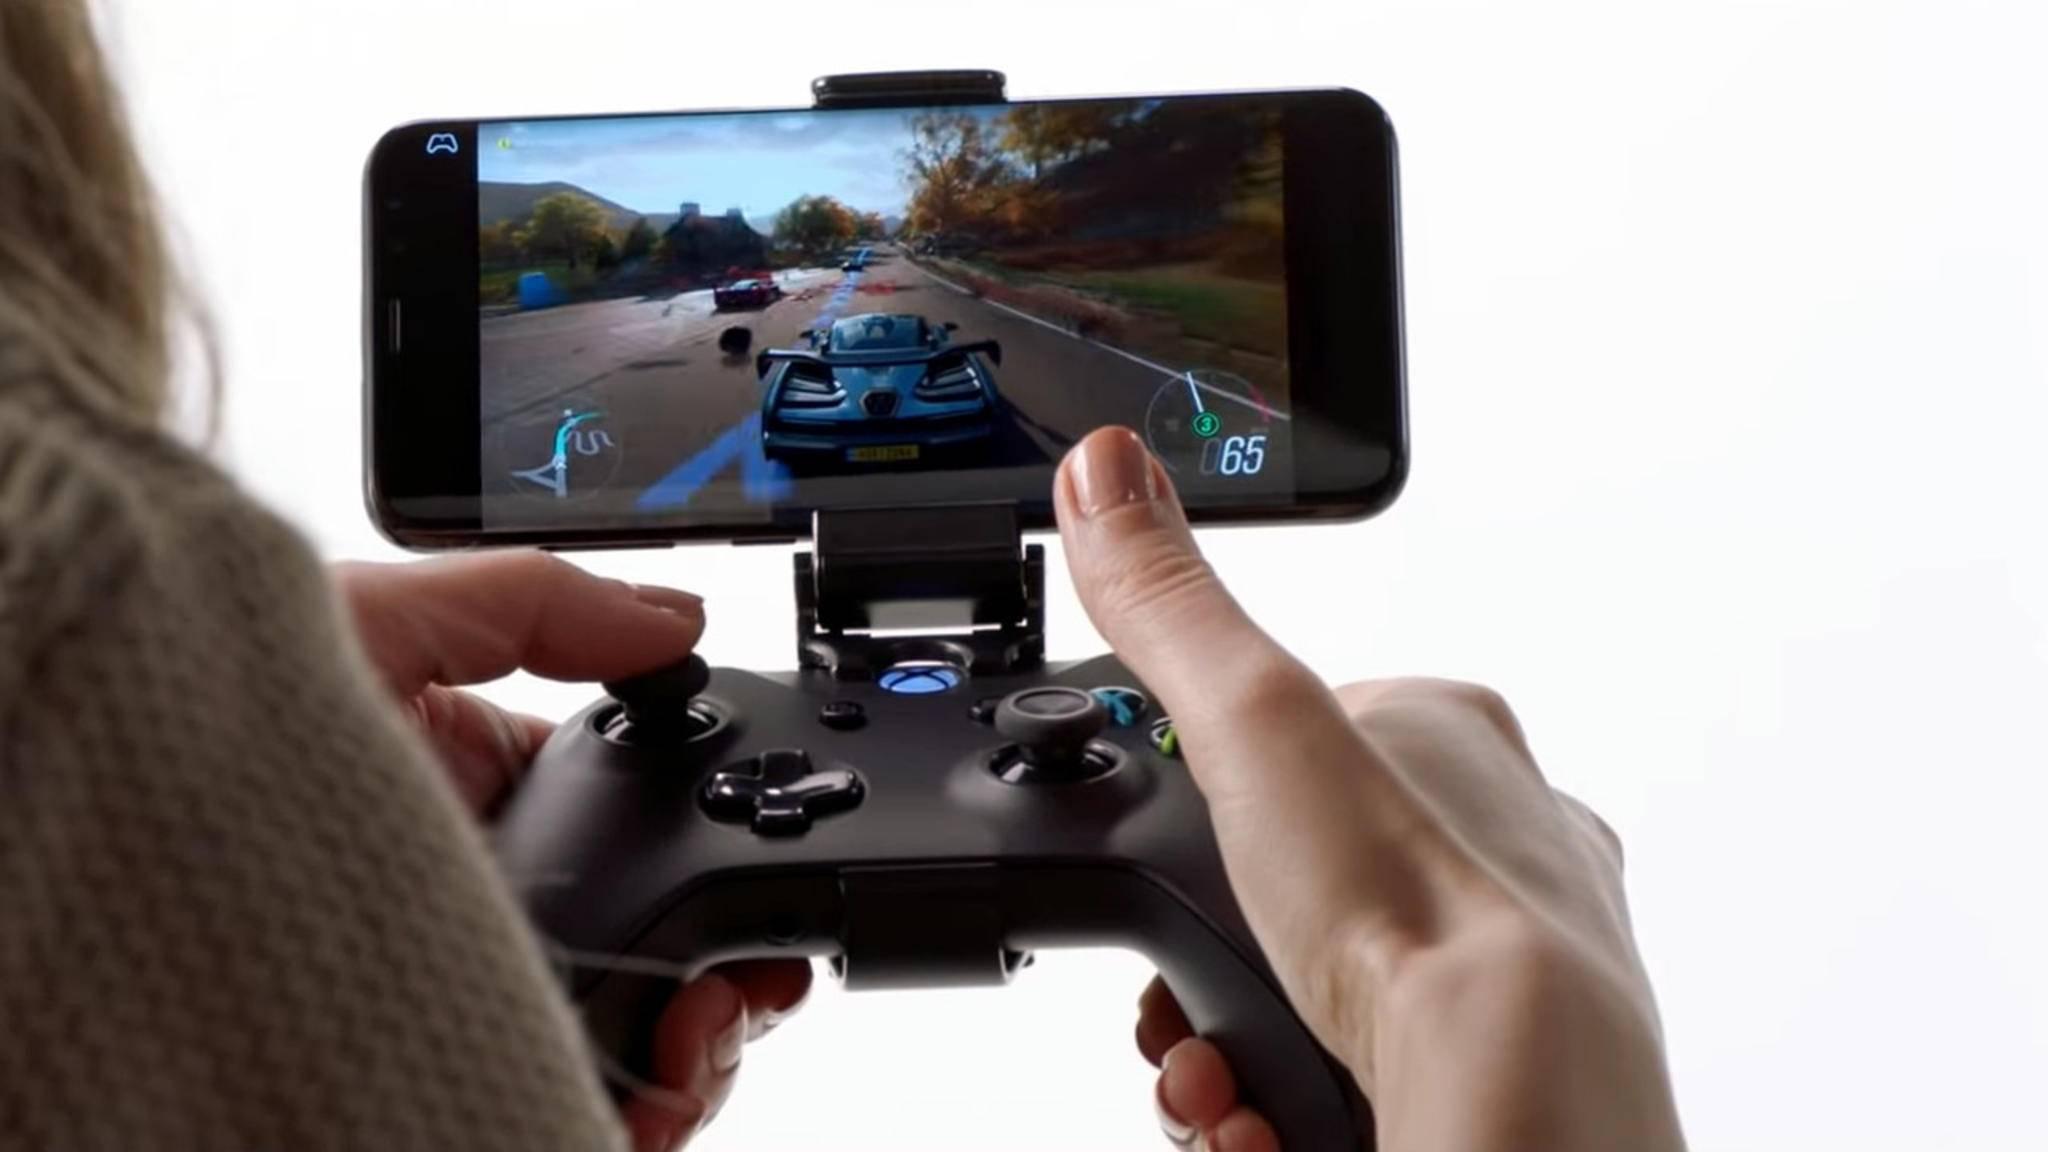 xCloud soll die gesamte Xbox-Spielebibliothek mobil verfügbar machen.